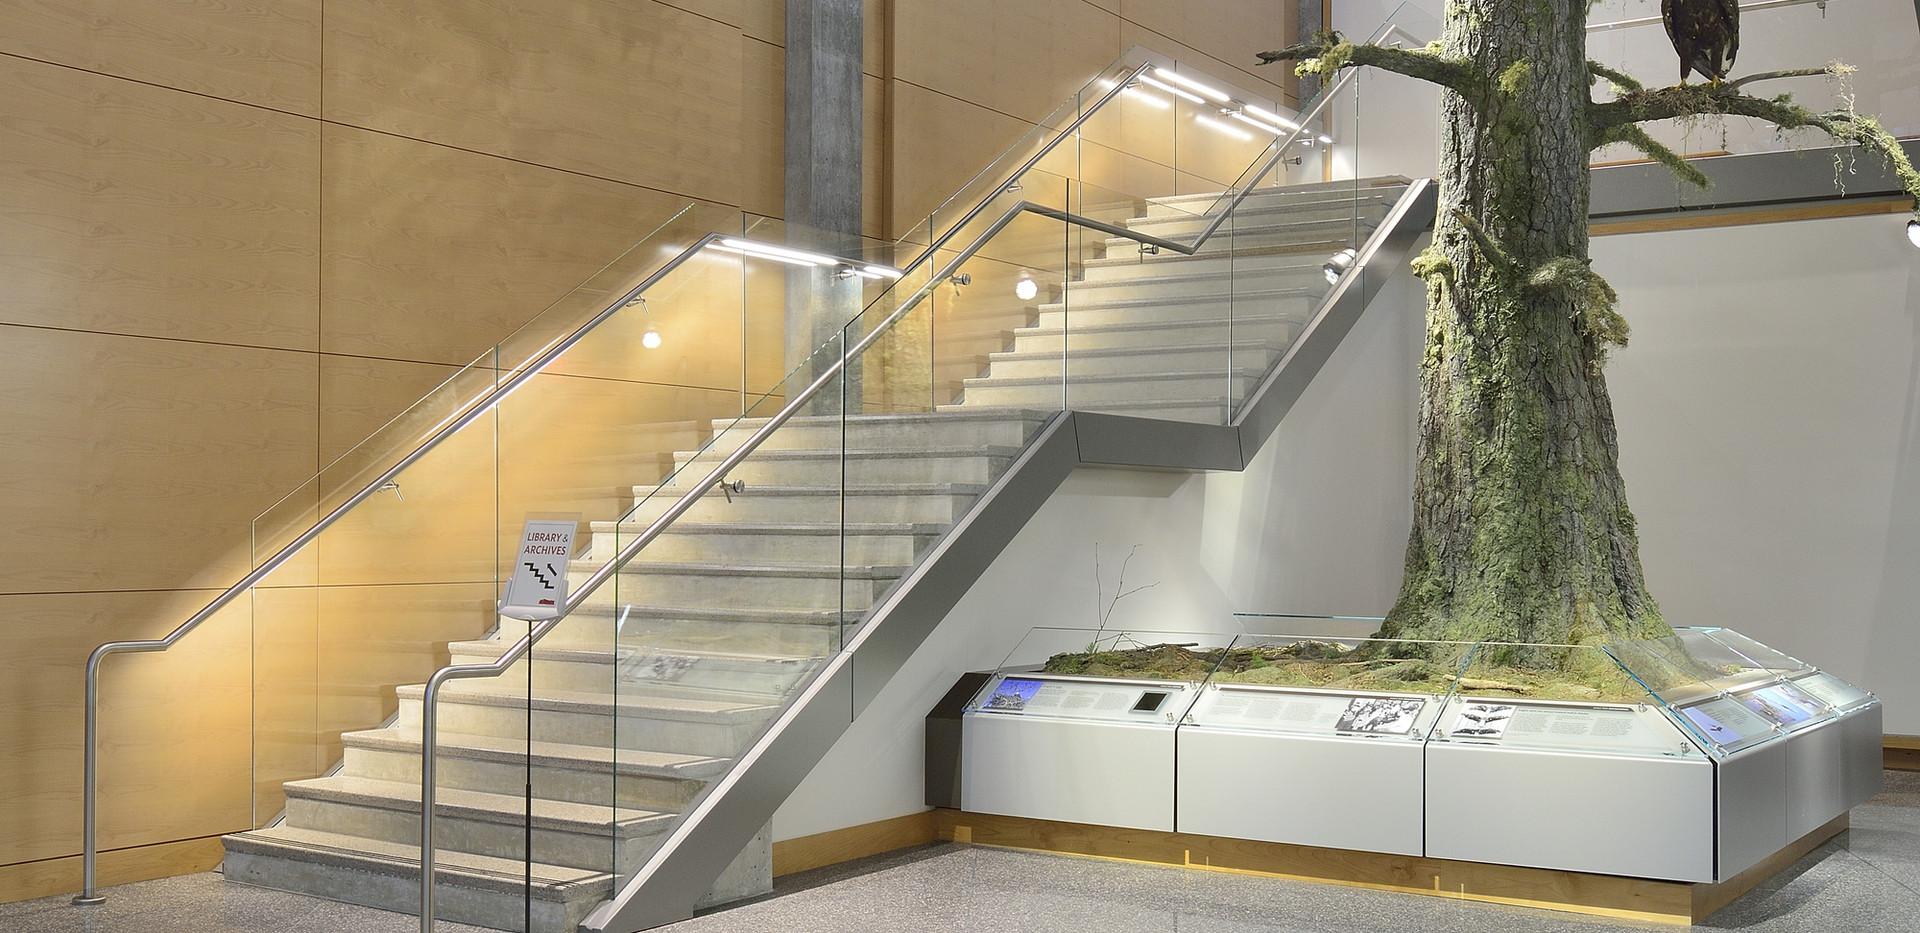 Terrazzo Stair